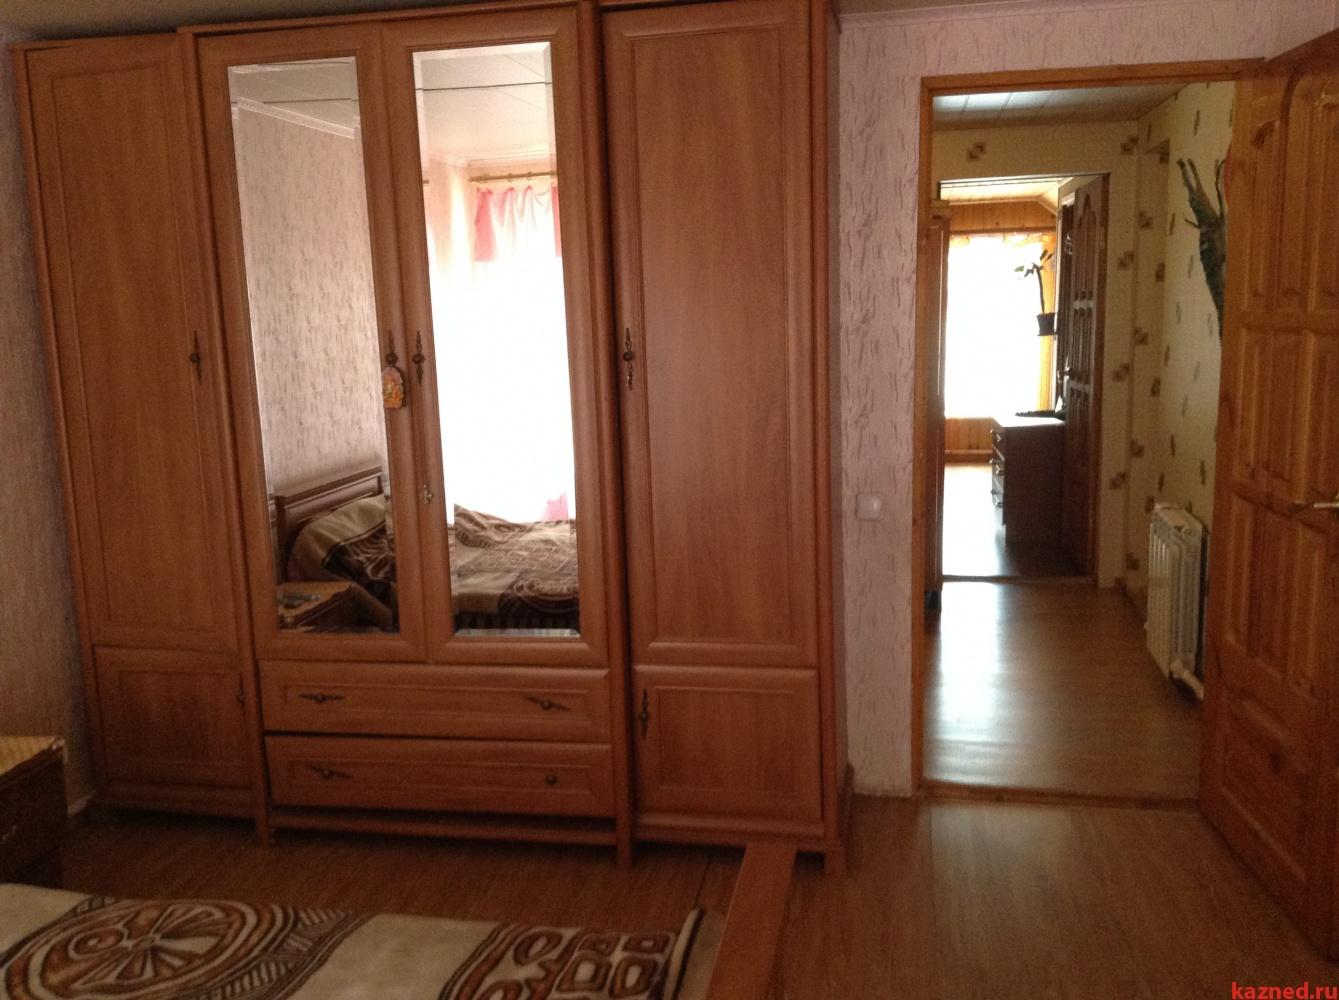 Продажа дом Новая Сосновка, ул.Компресорщиков, 160 м2  (миниатюра №12)